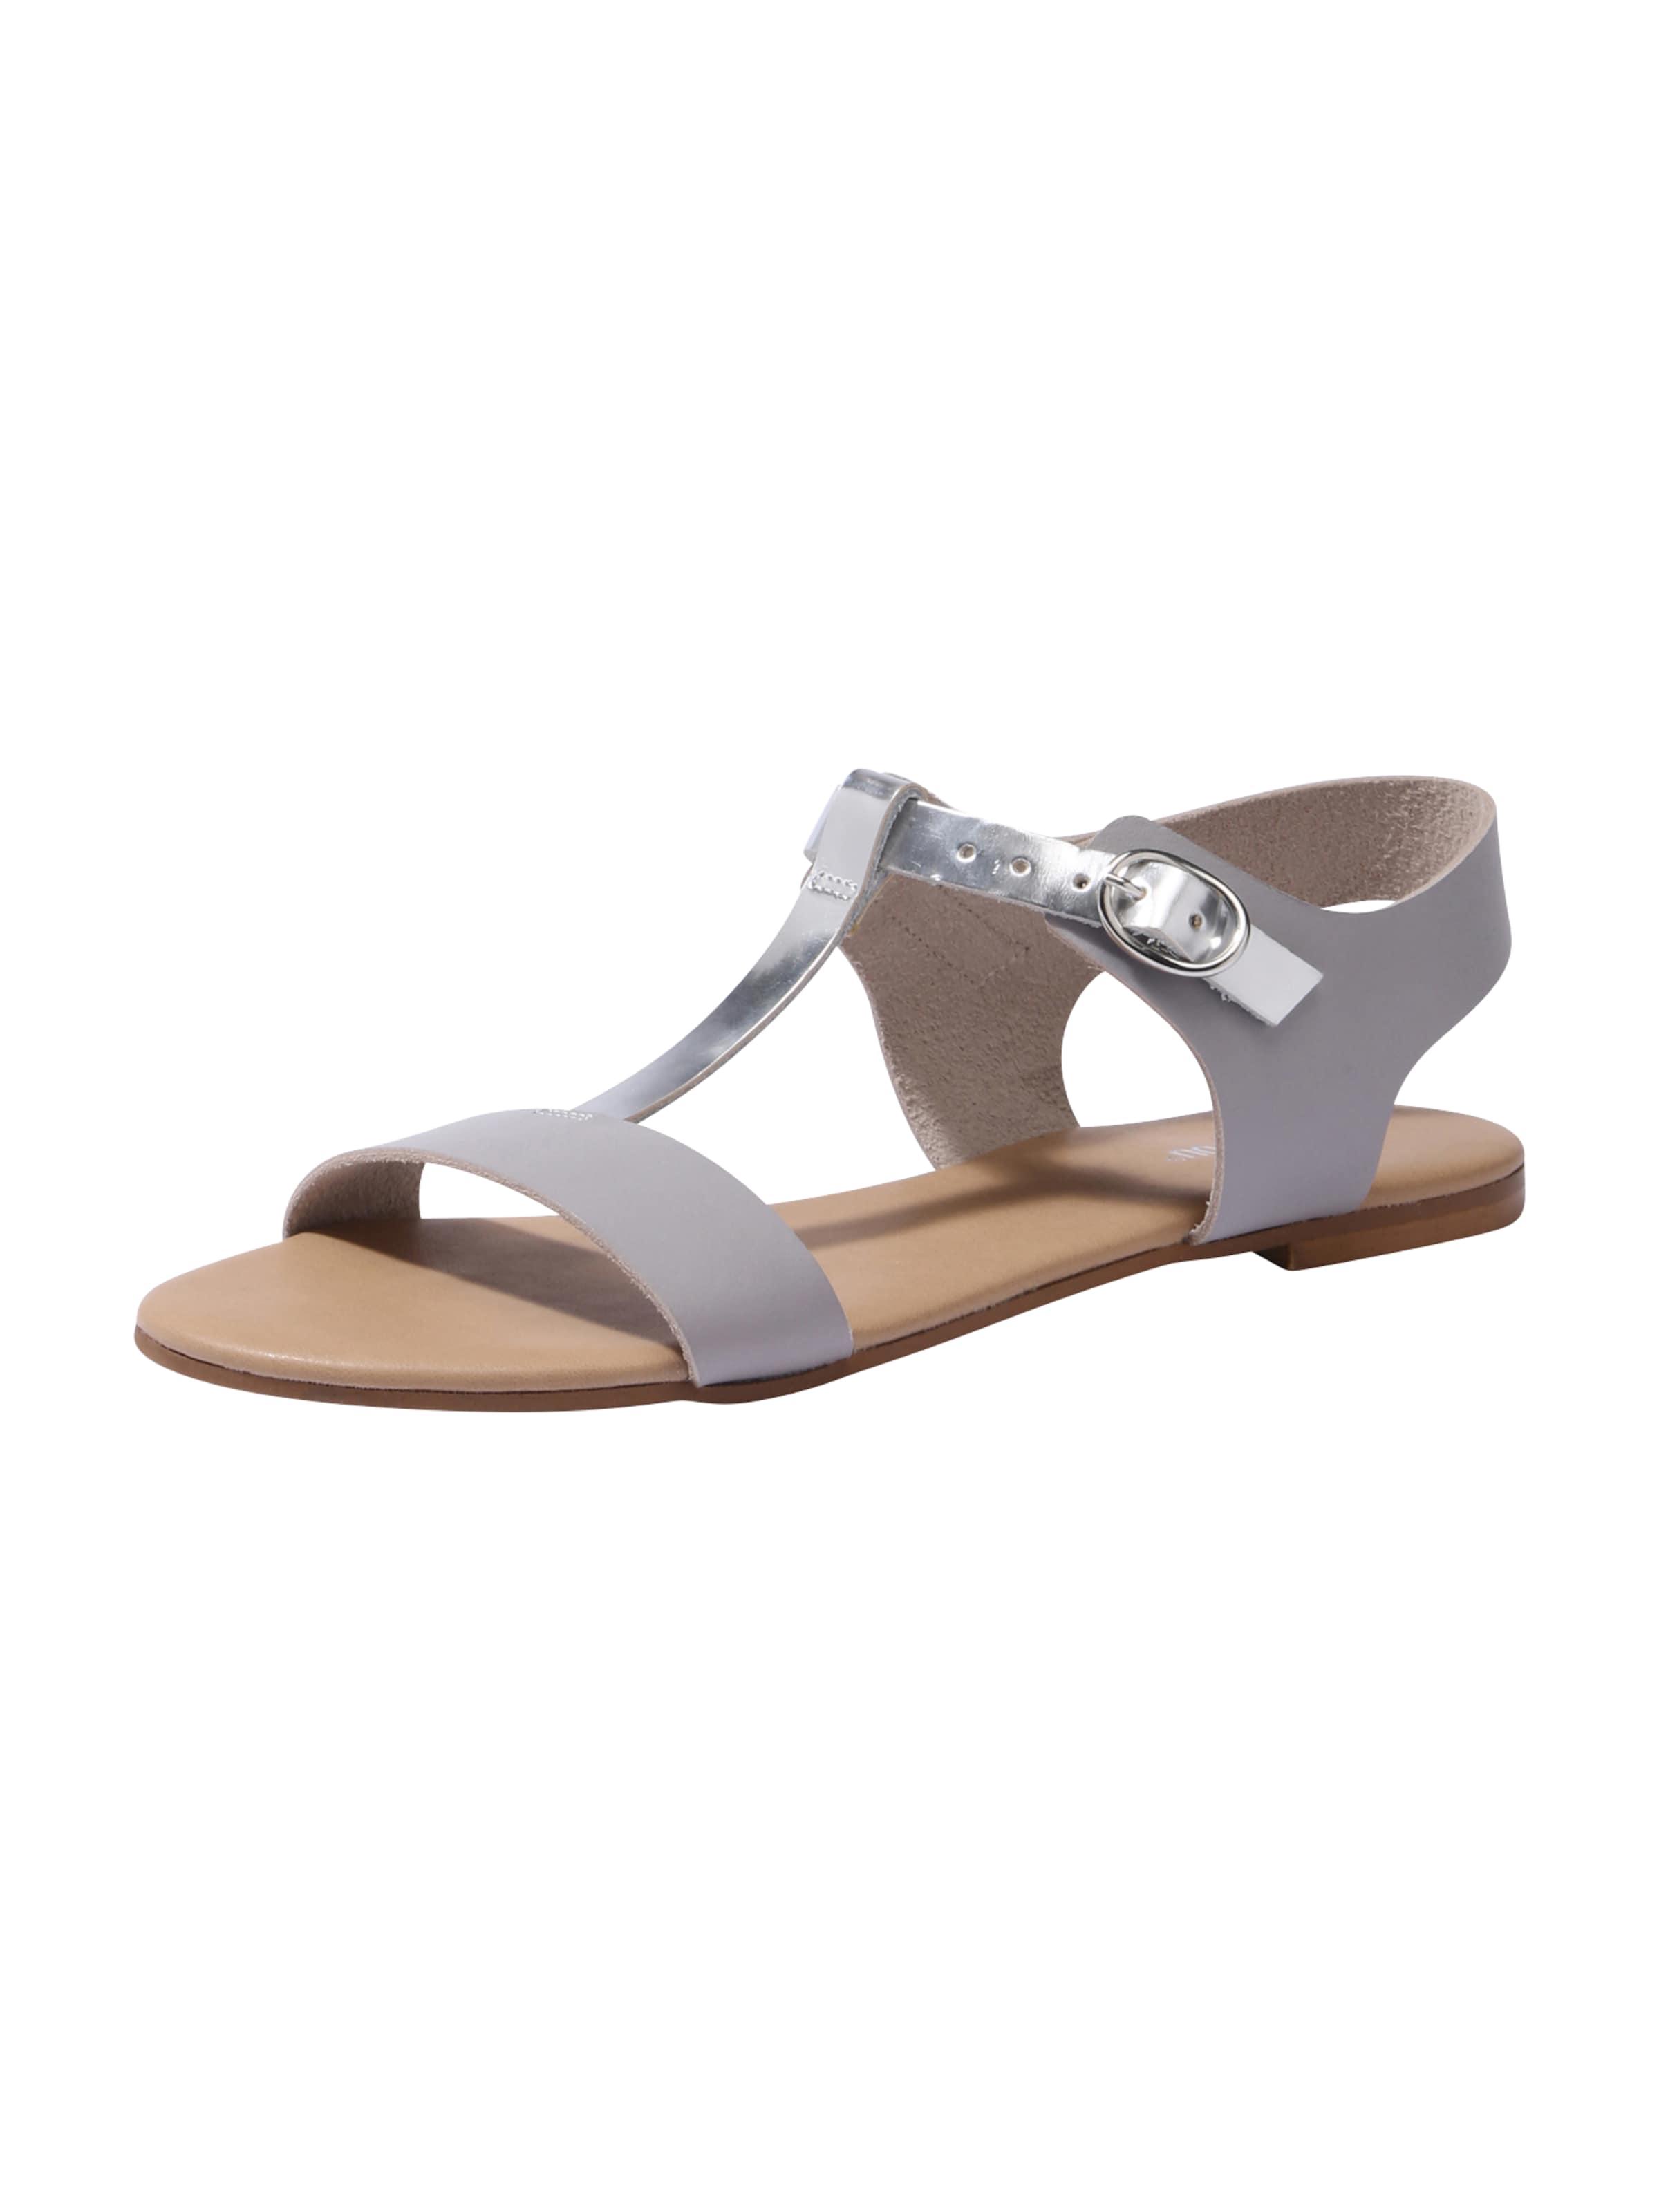 ABOUT YOU Riemchensandalen ROBERTA Verschleißfeste billige Schuhe